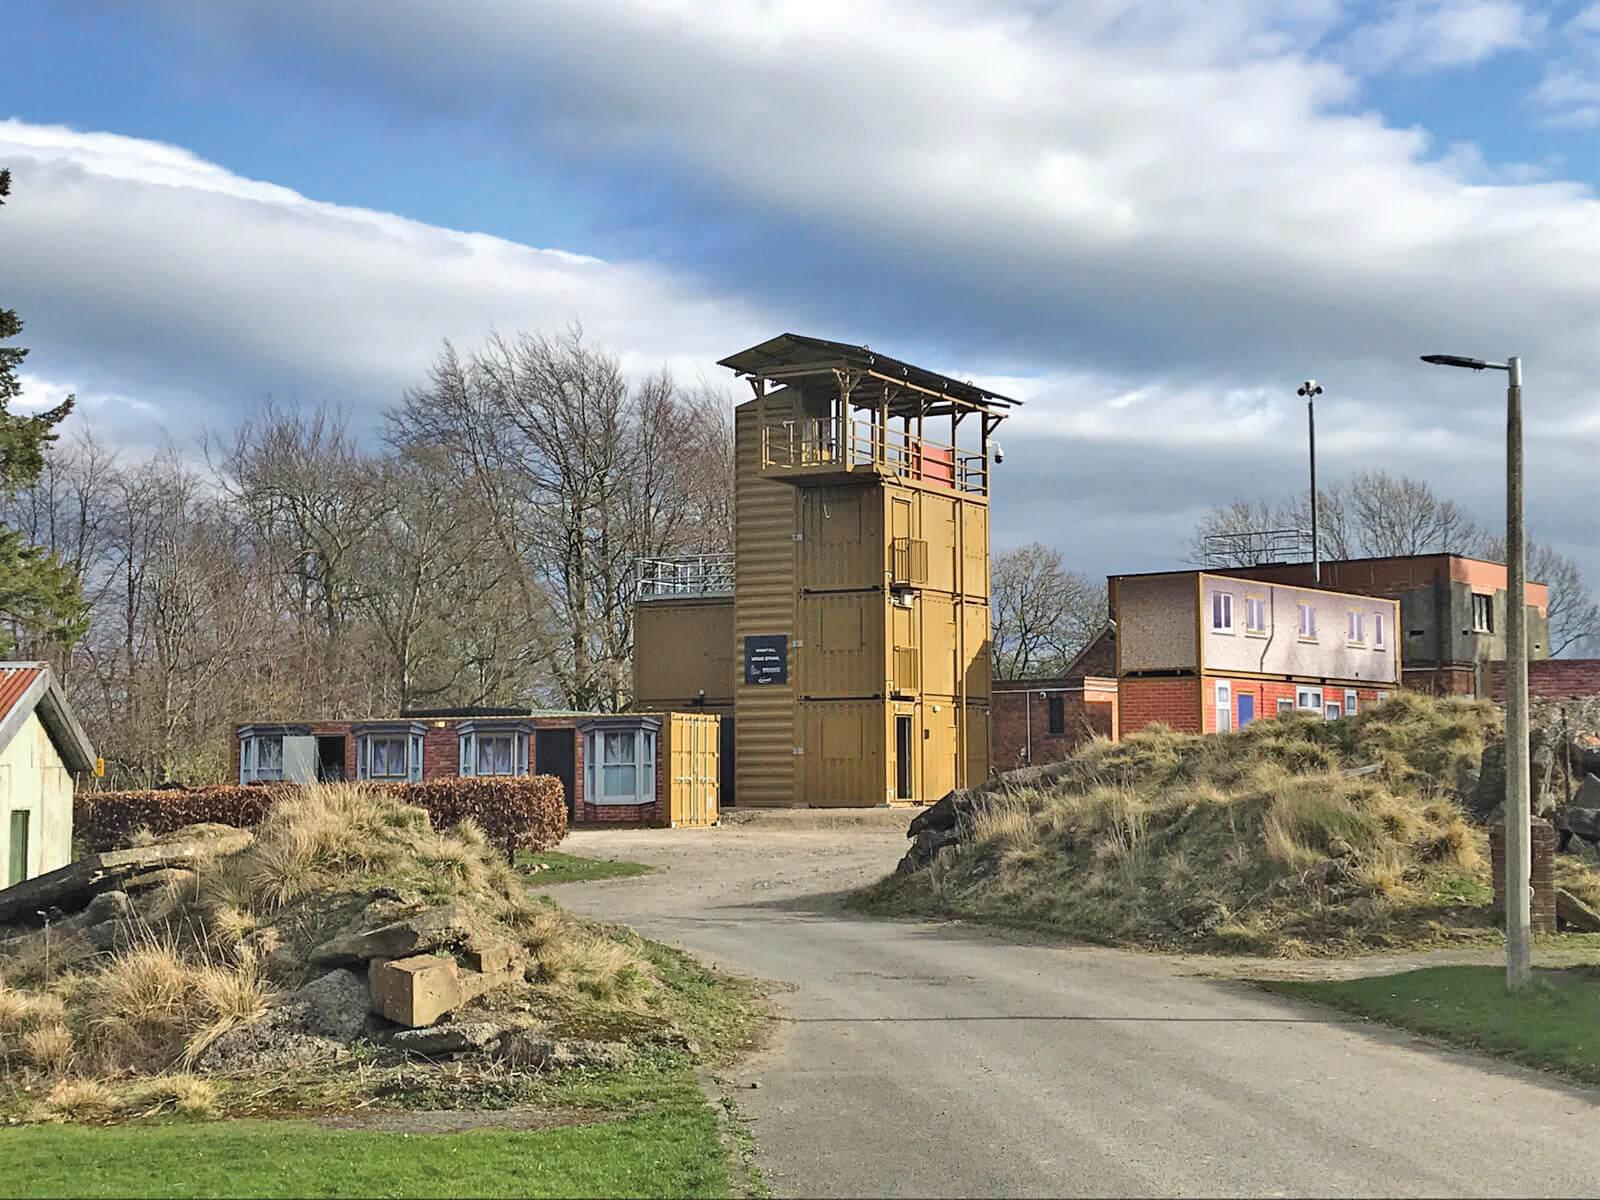 Träningsanläggning för strib i bebyggelse. På bilden syns också ett torn för repträning, firning och helikoptertjänst.